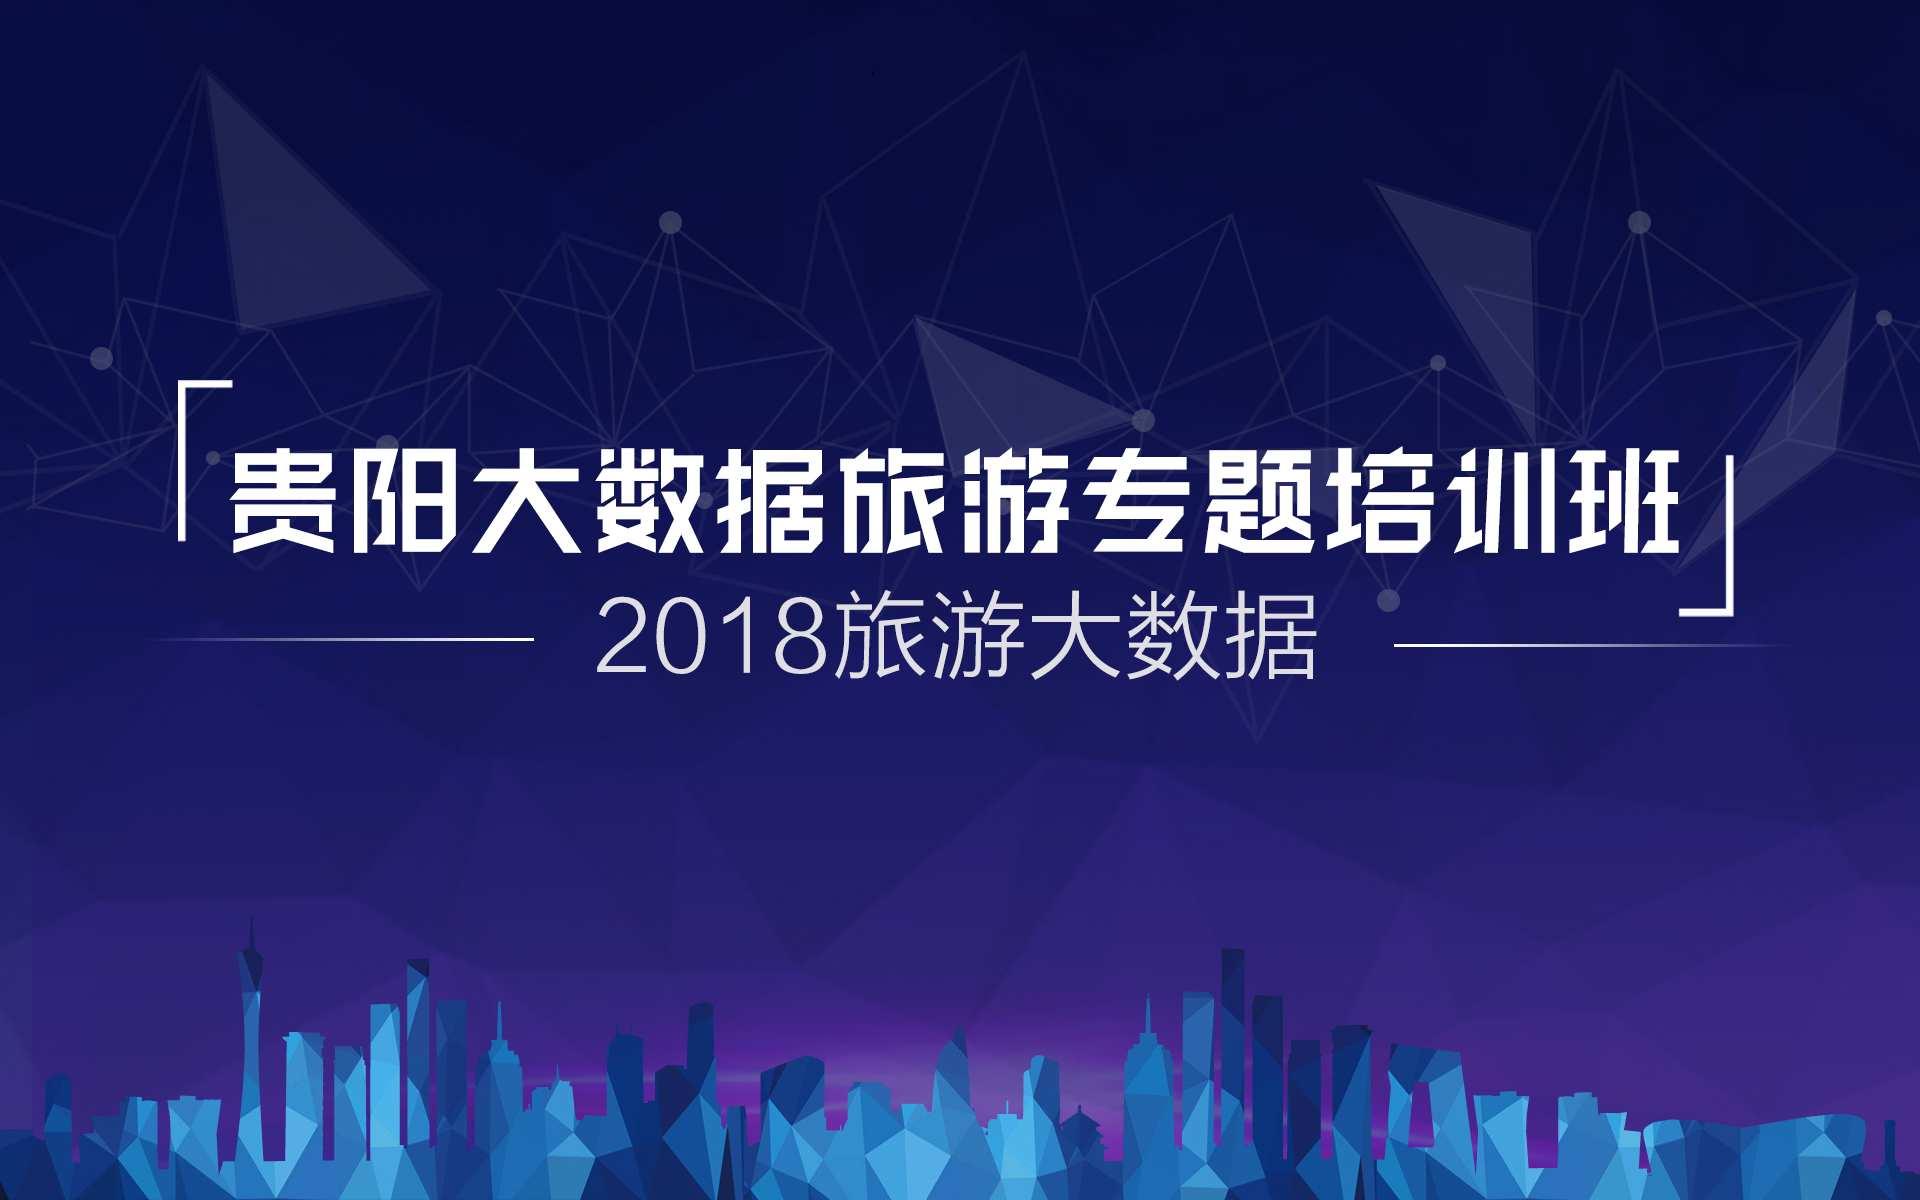 贵阳旅委:大数据培训促进景区旅行社智慧建设